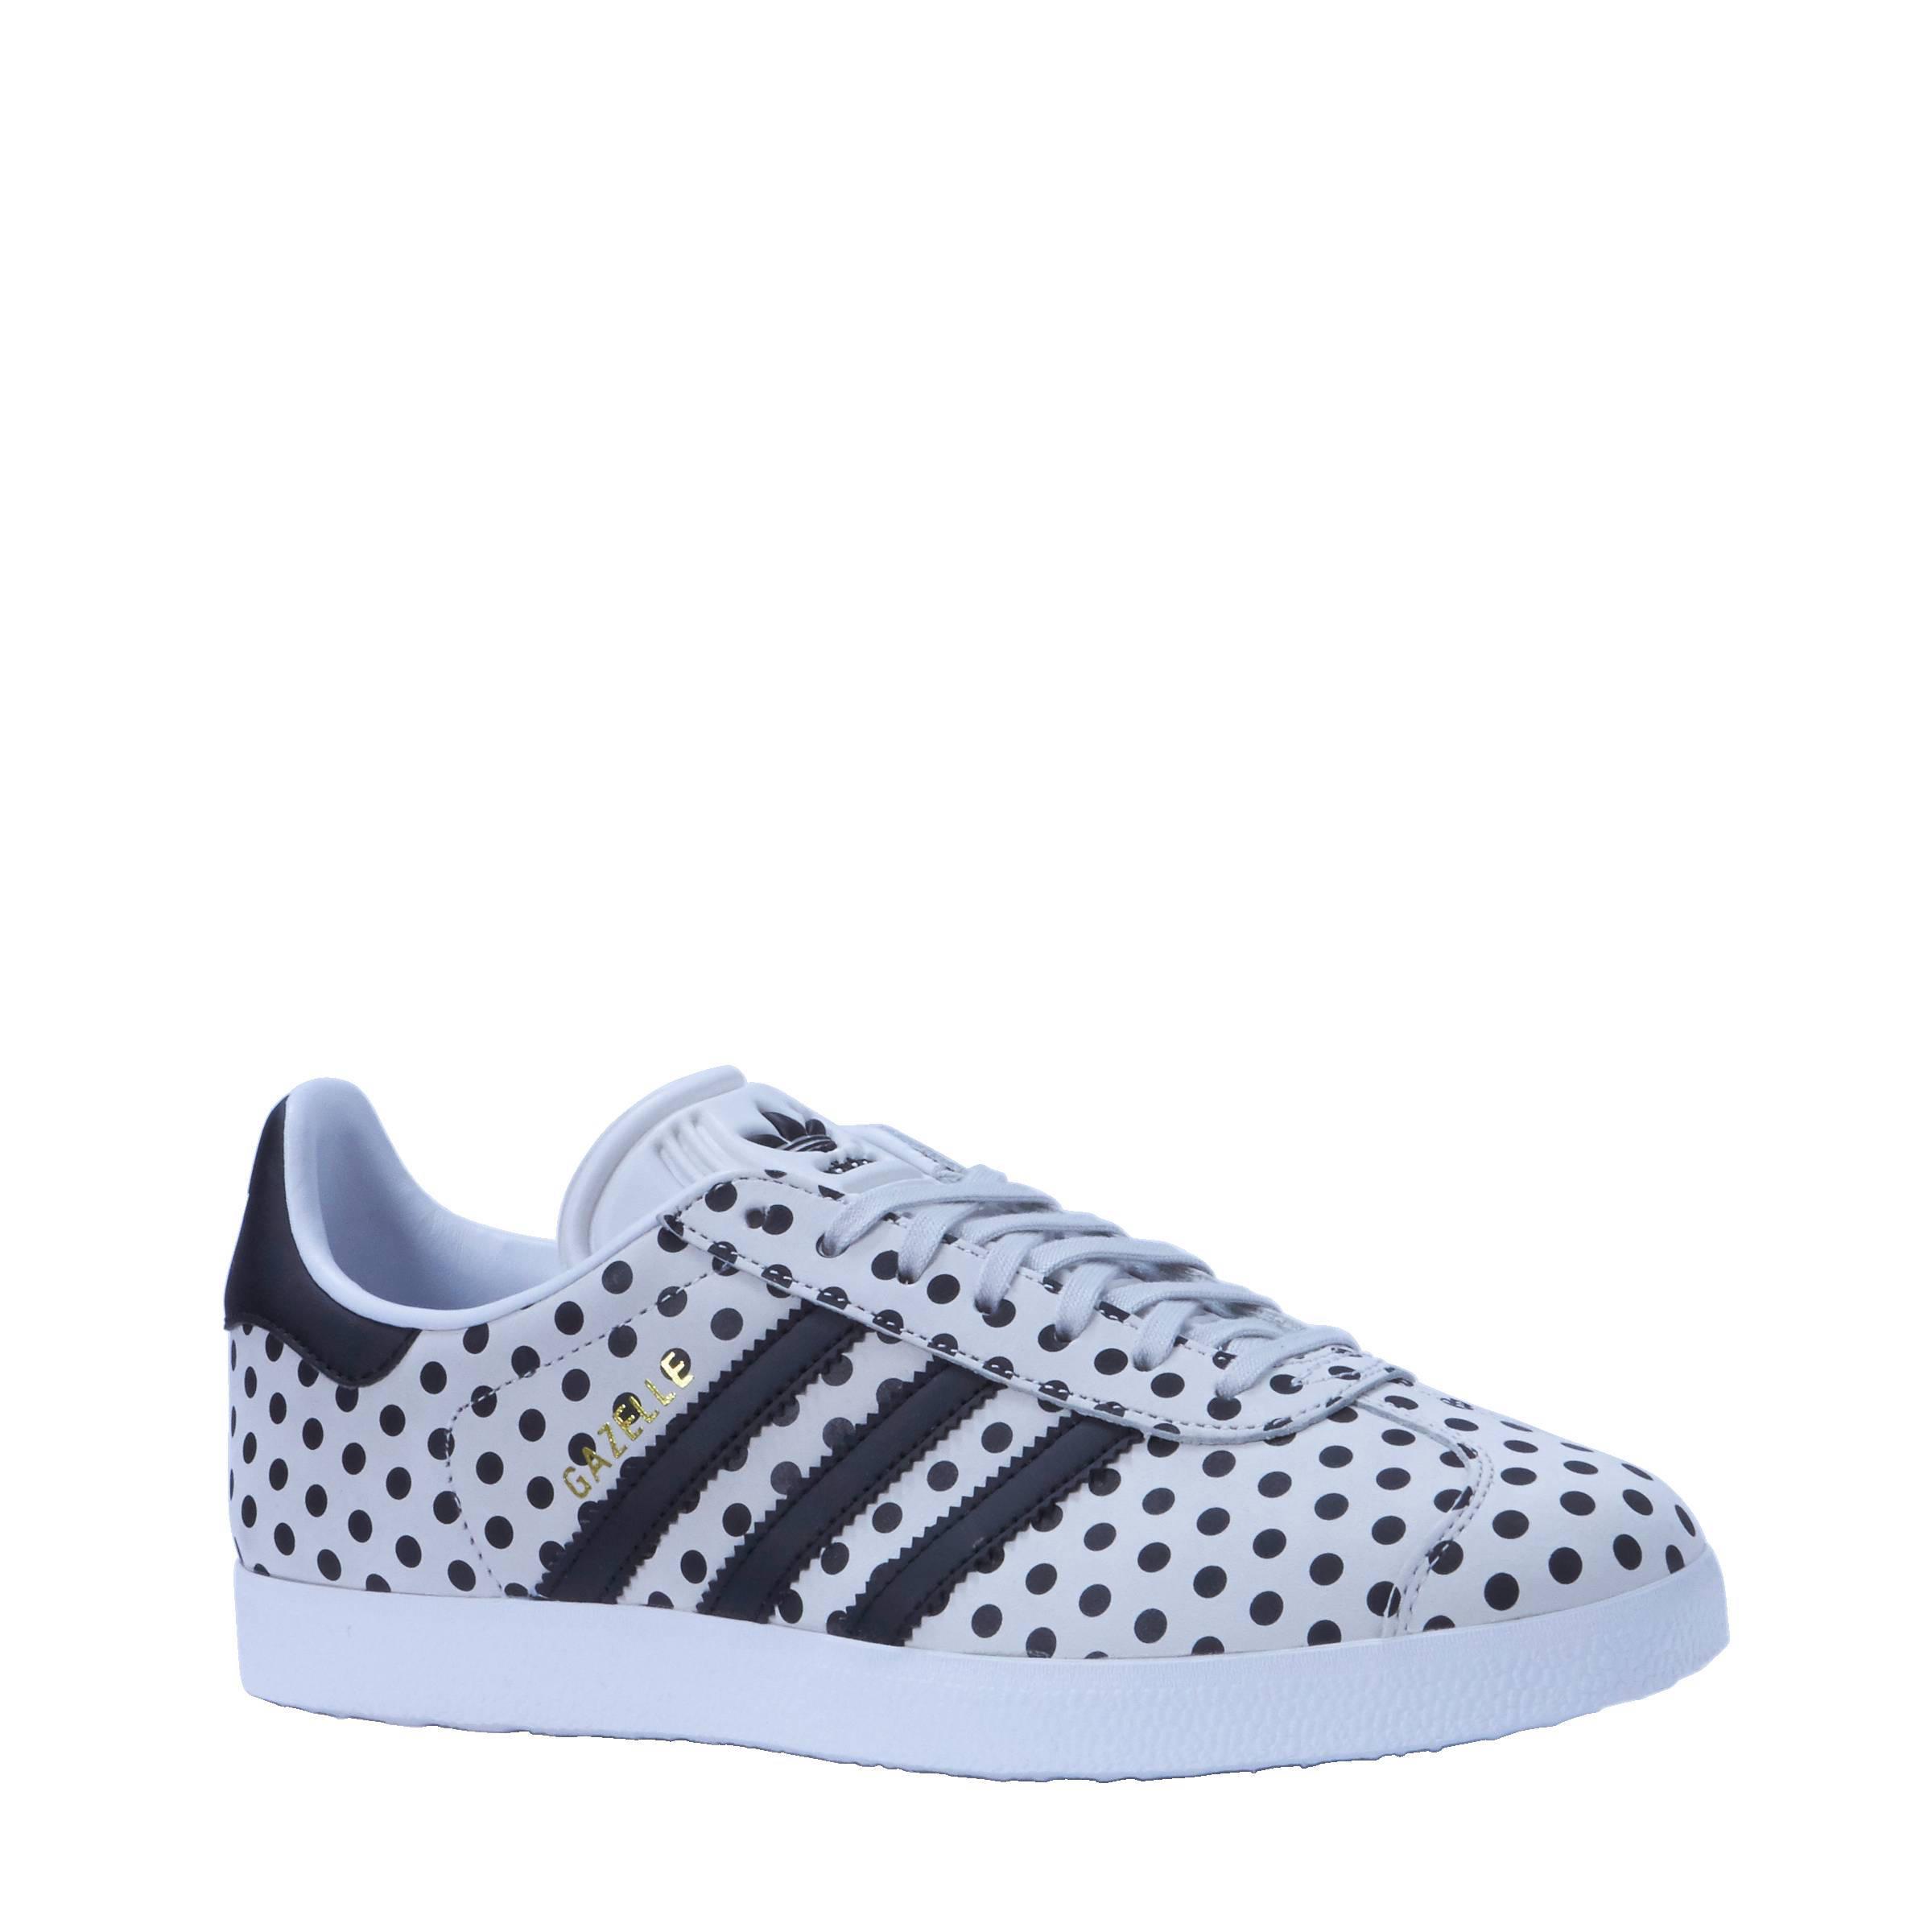 adidas gazelle wit zwart